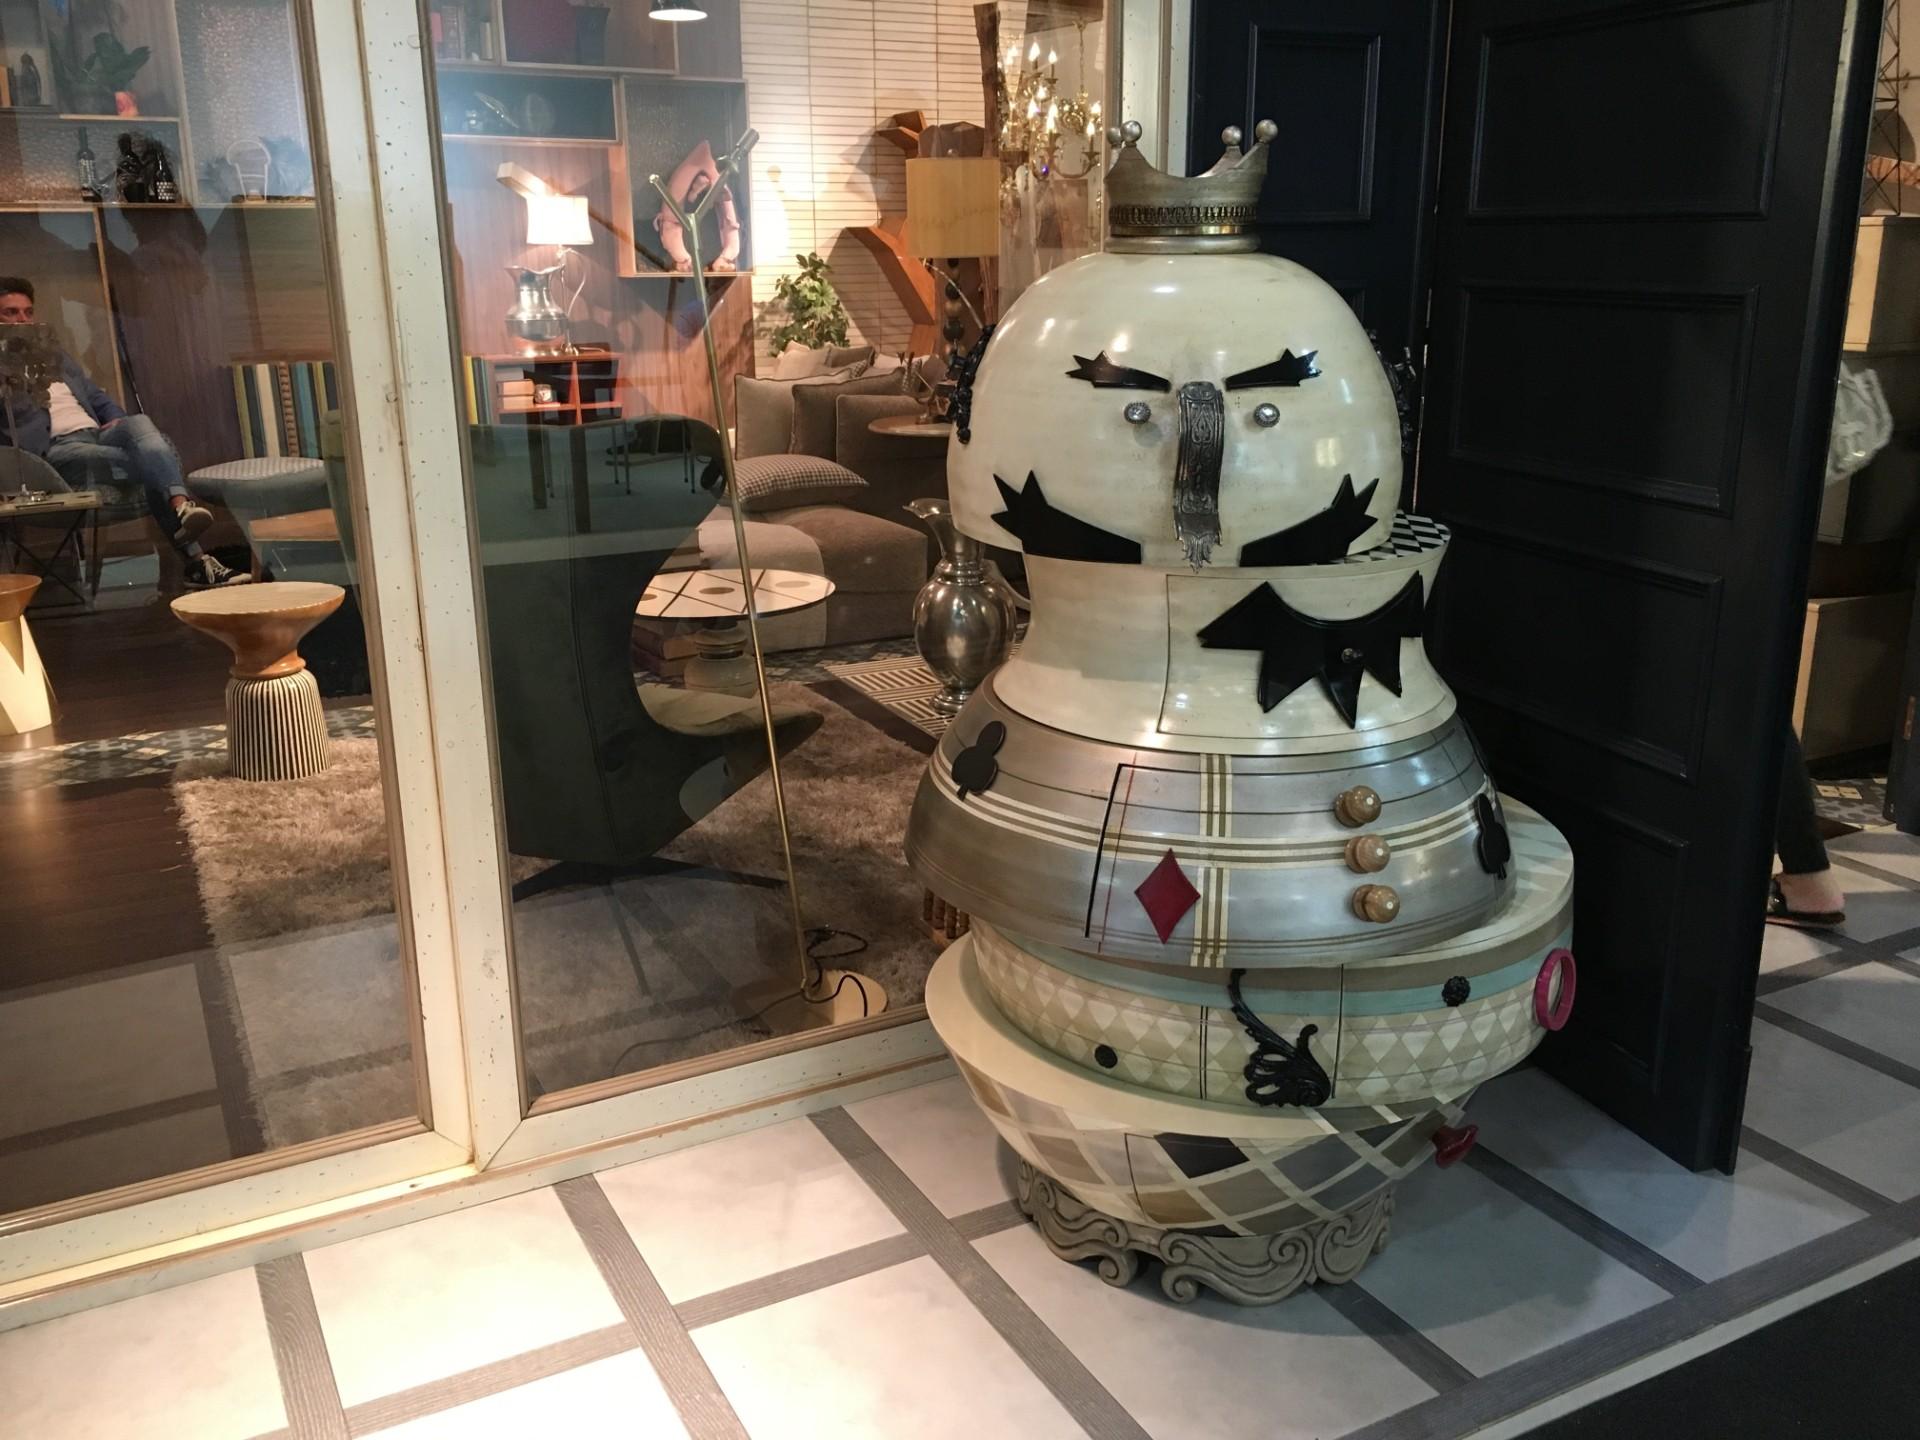 feria-habitat-valencia-2018-interiorismo-interiores-mobiliario-muebles-2